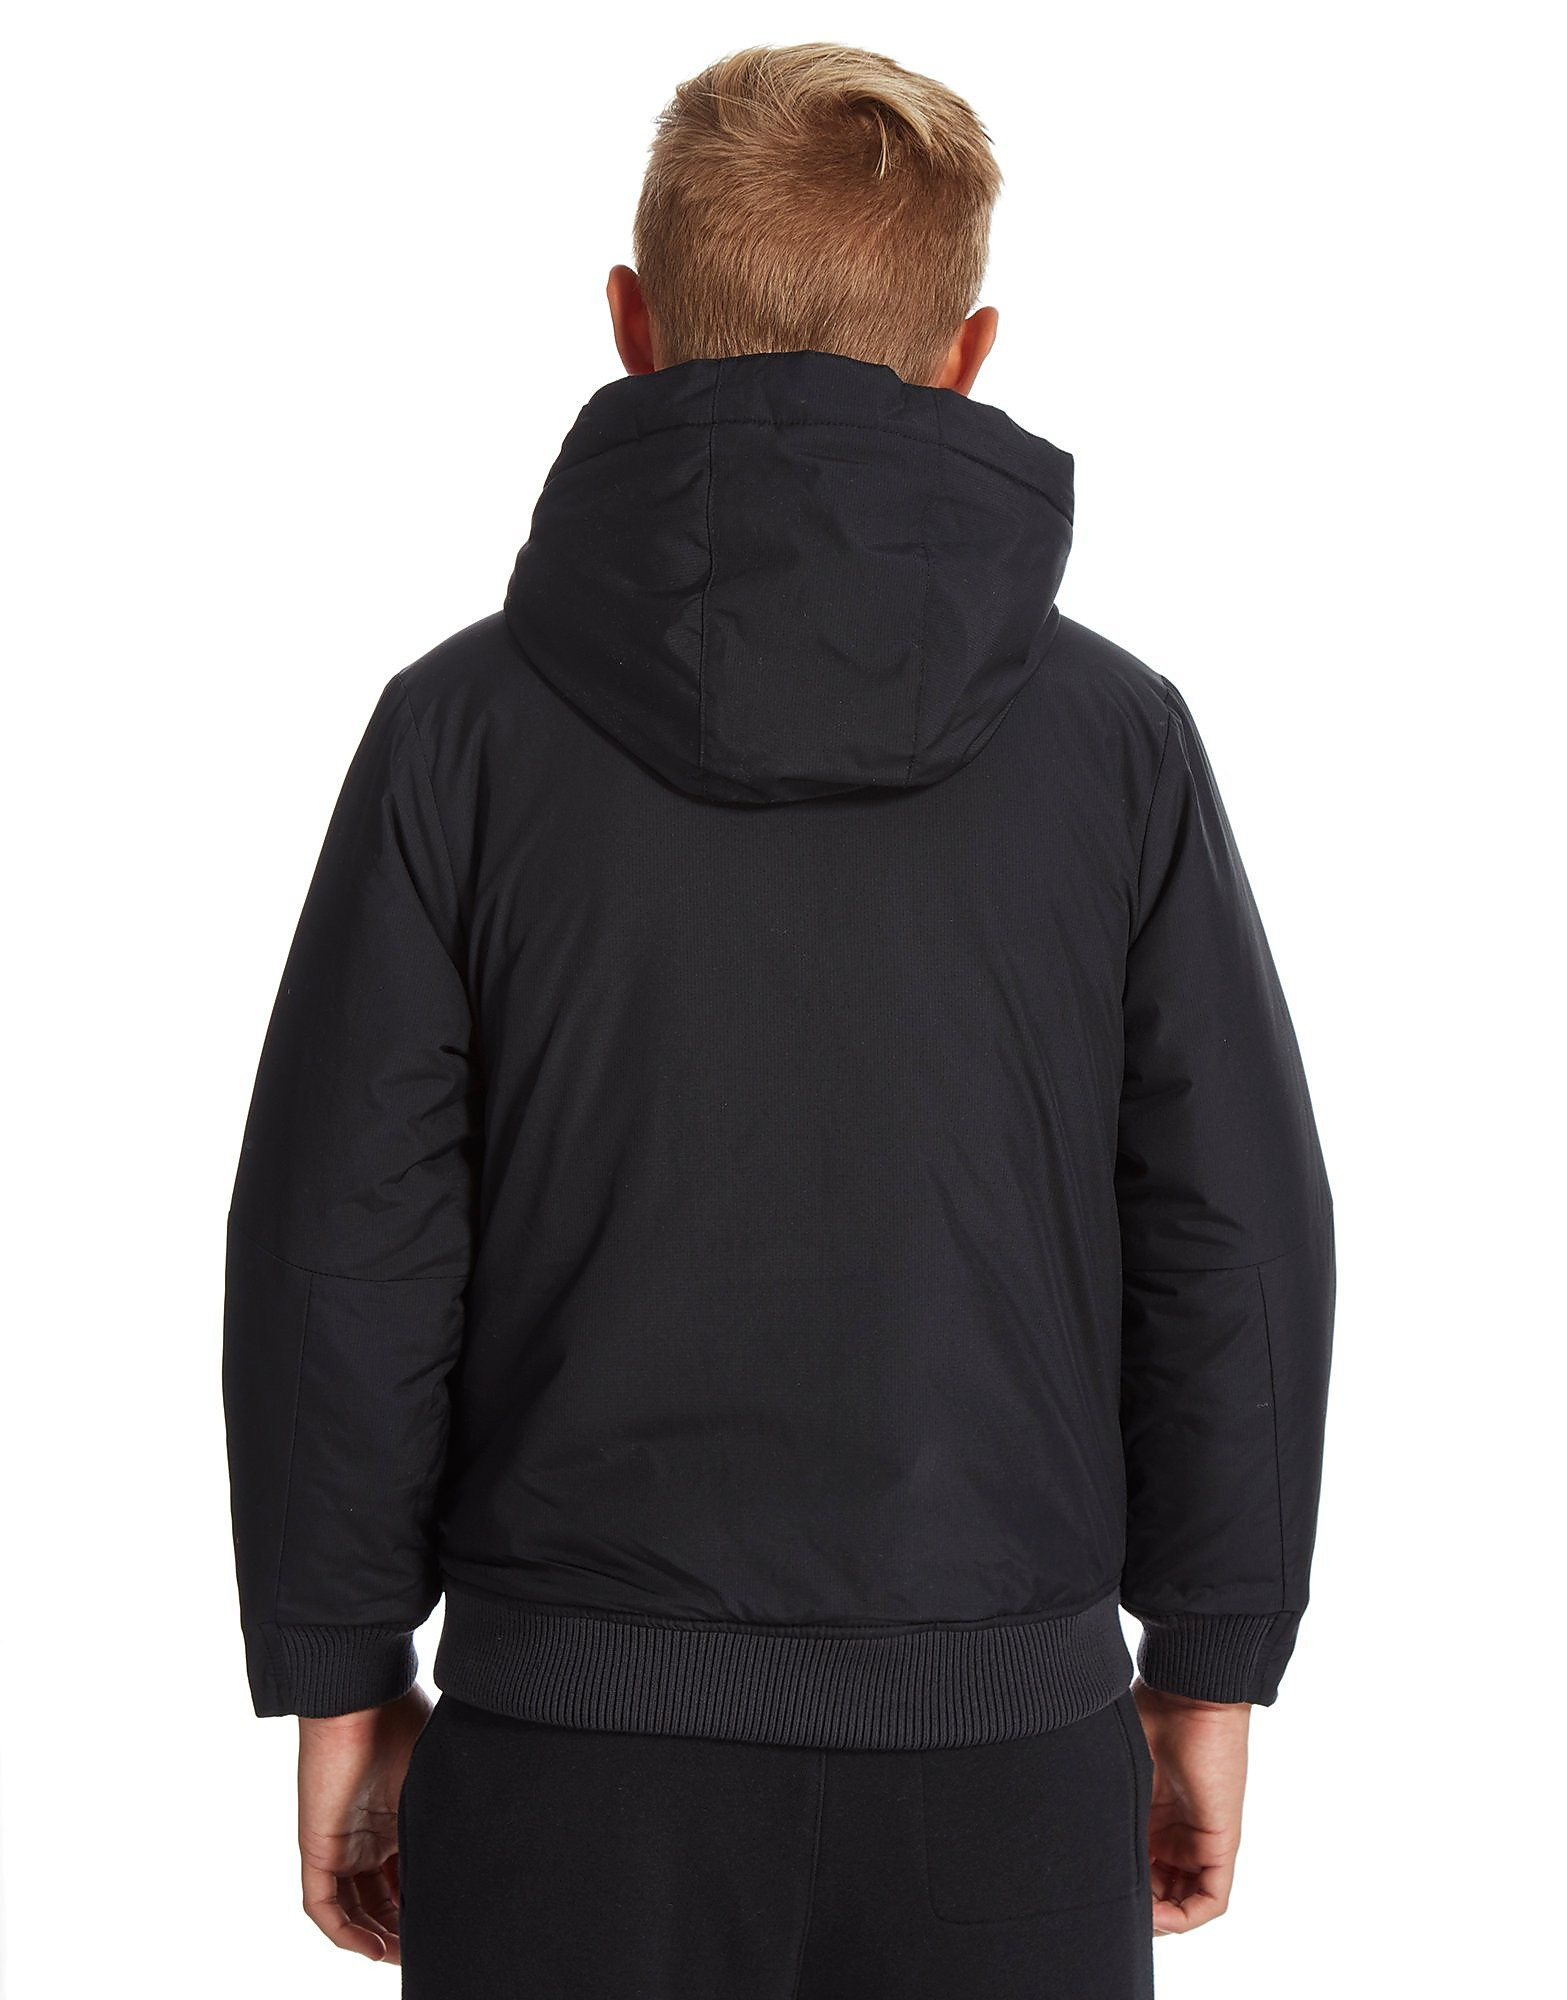 Nike Core gewatteerde jas voor tieners